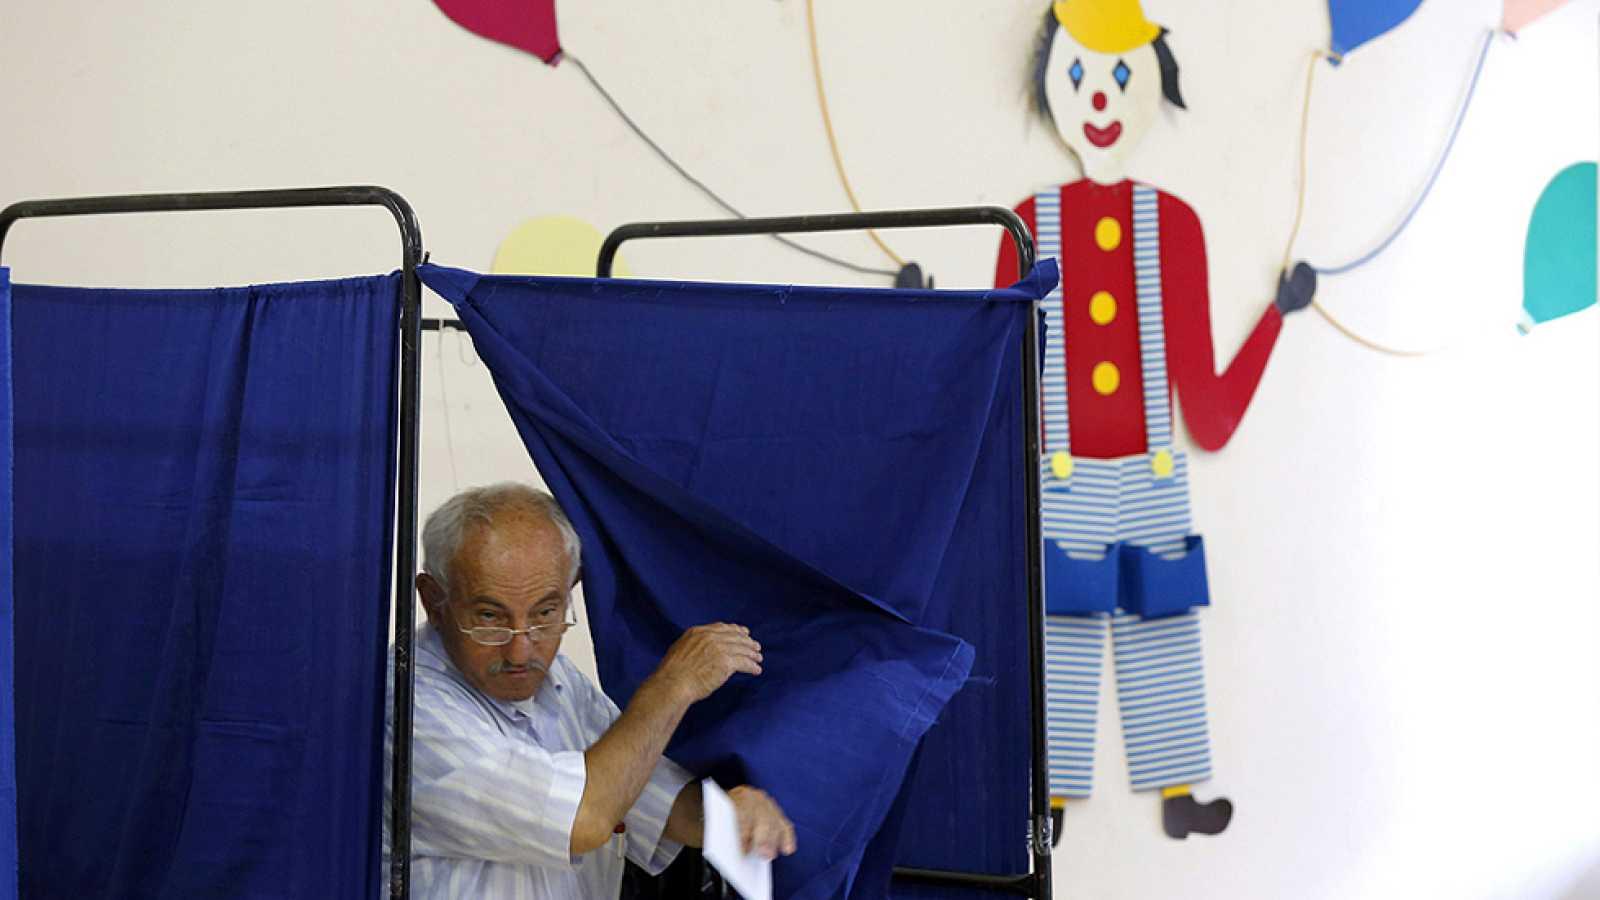 Los griegos deciden su futuro en la Eurozona en un clima de división